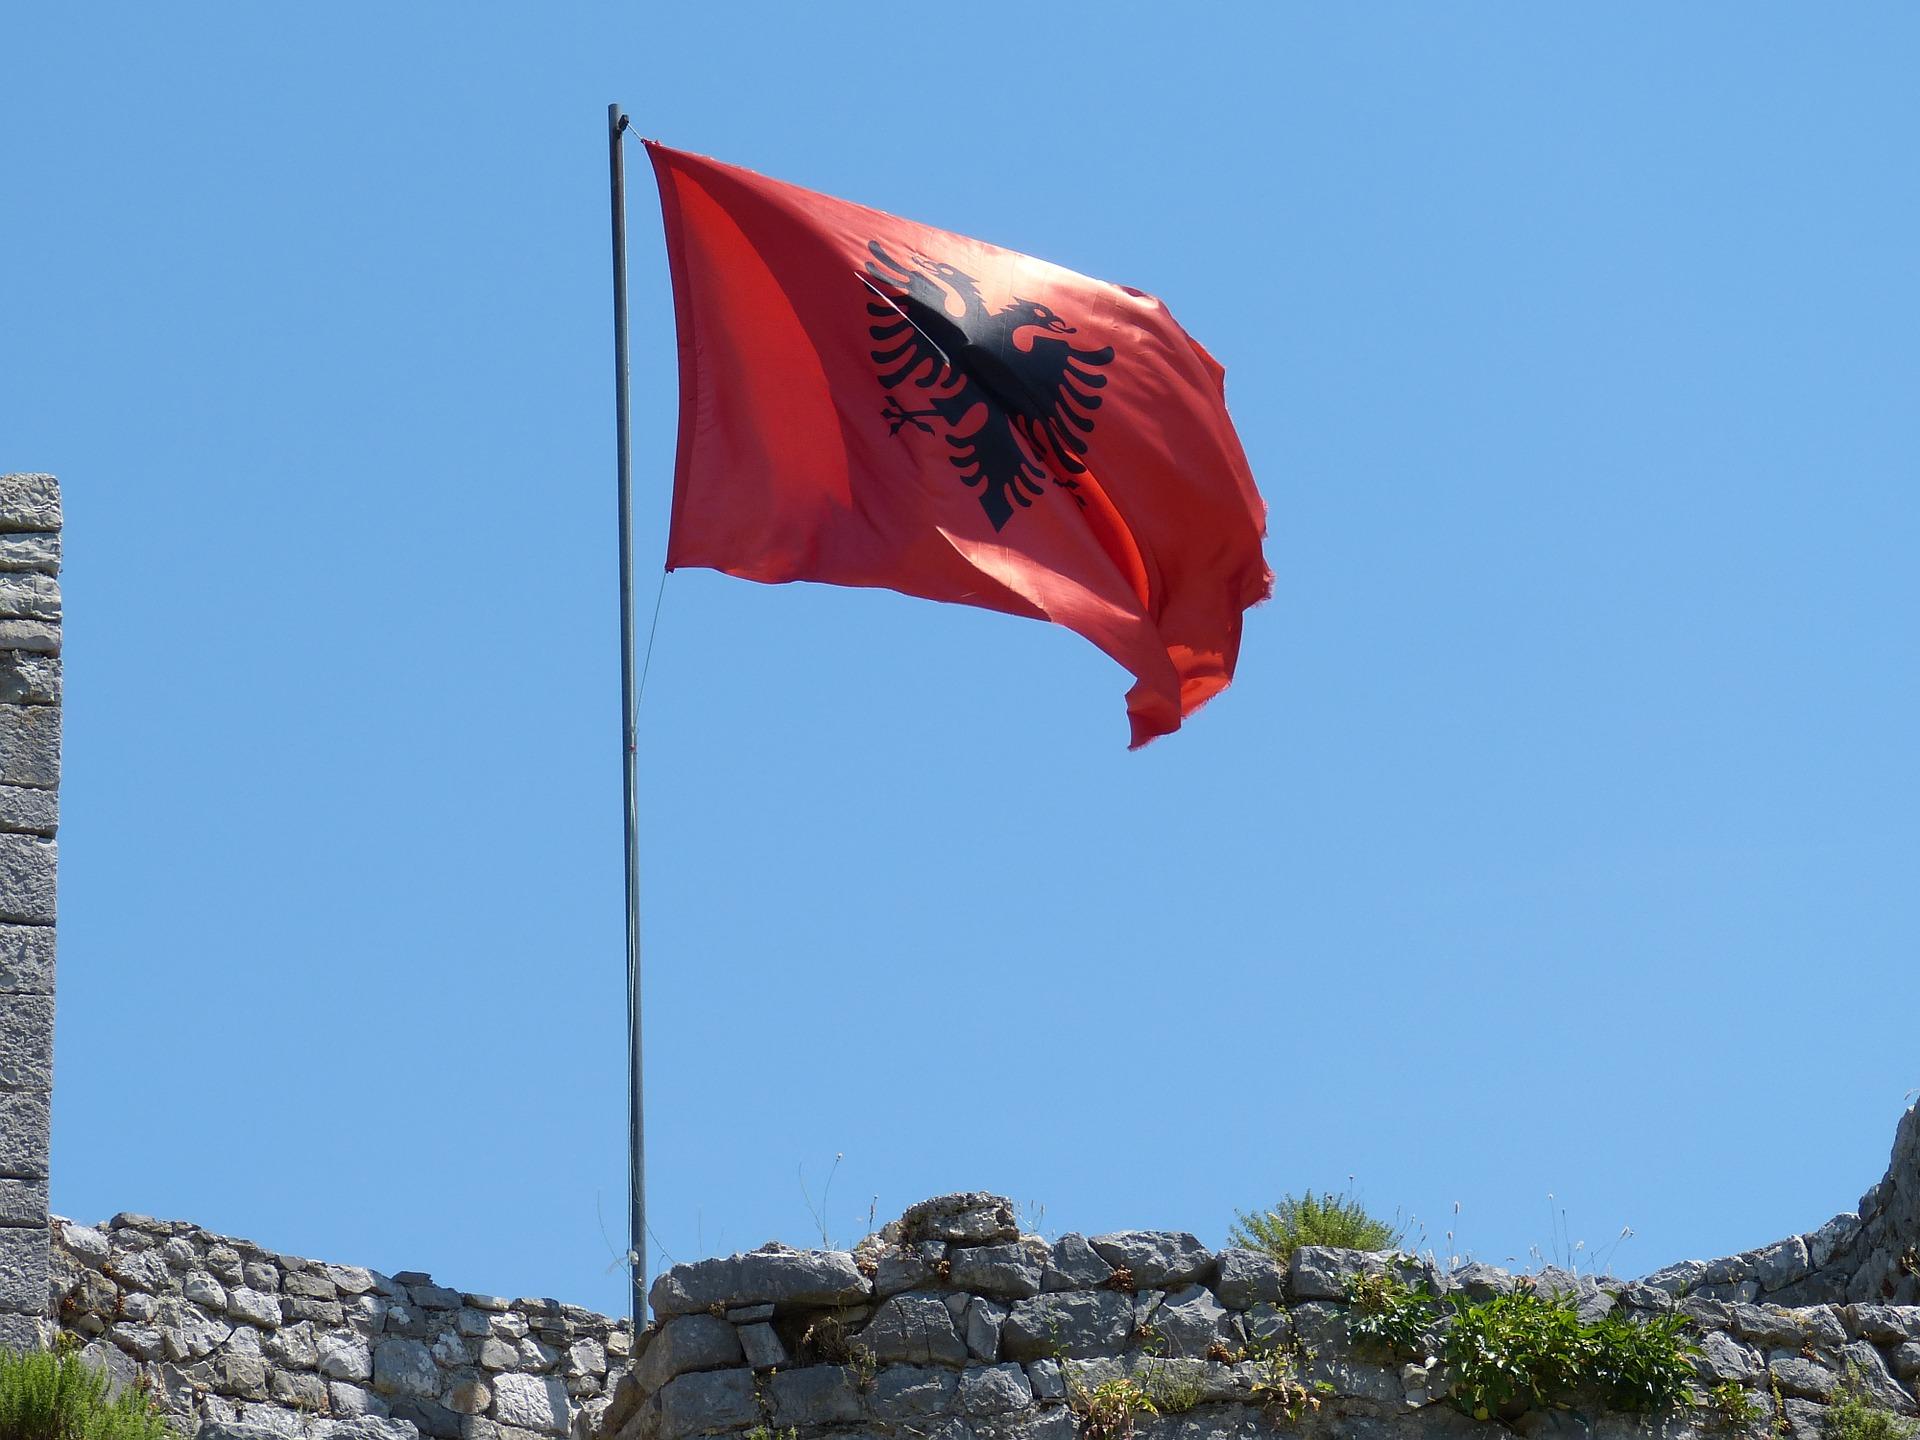 Brakova sklapanje agencija iz albanije za SRBI SU